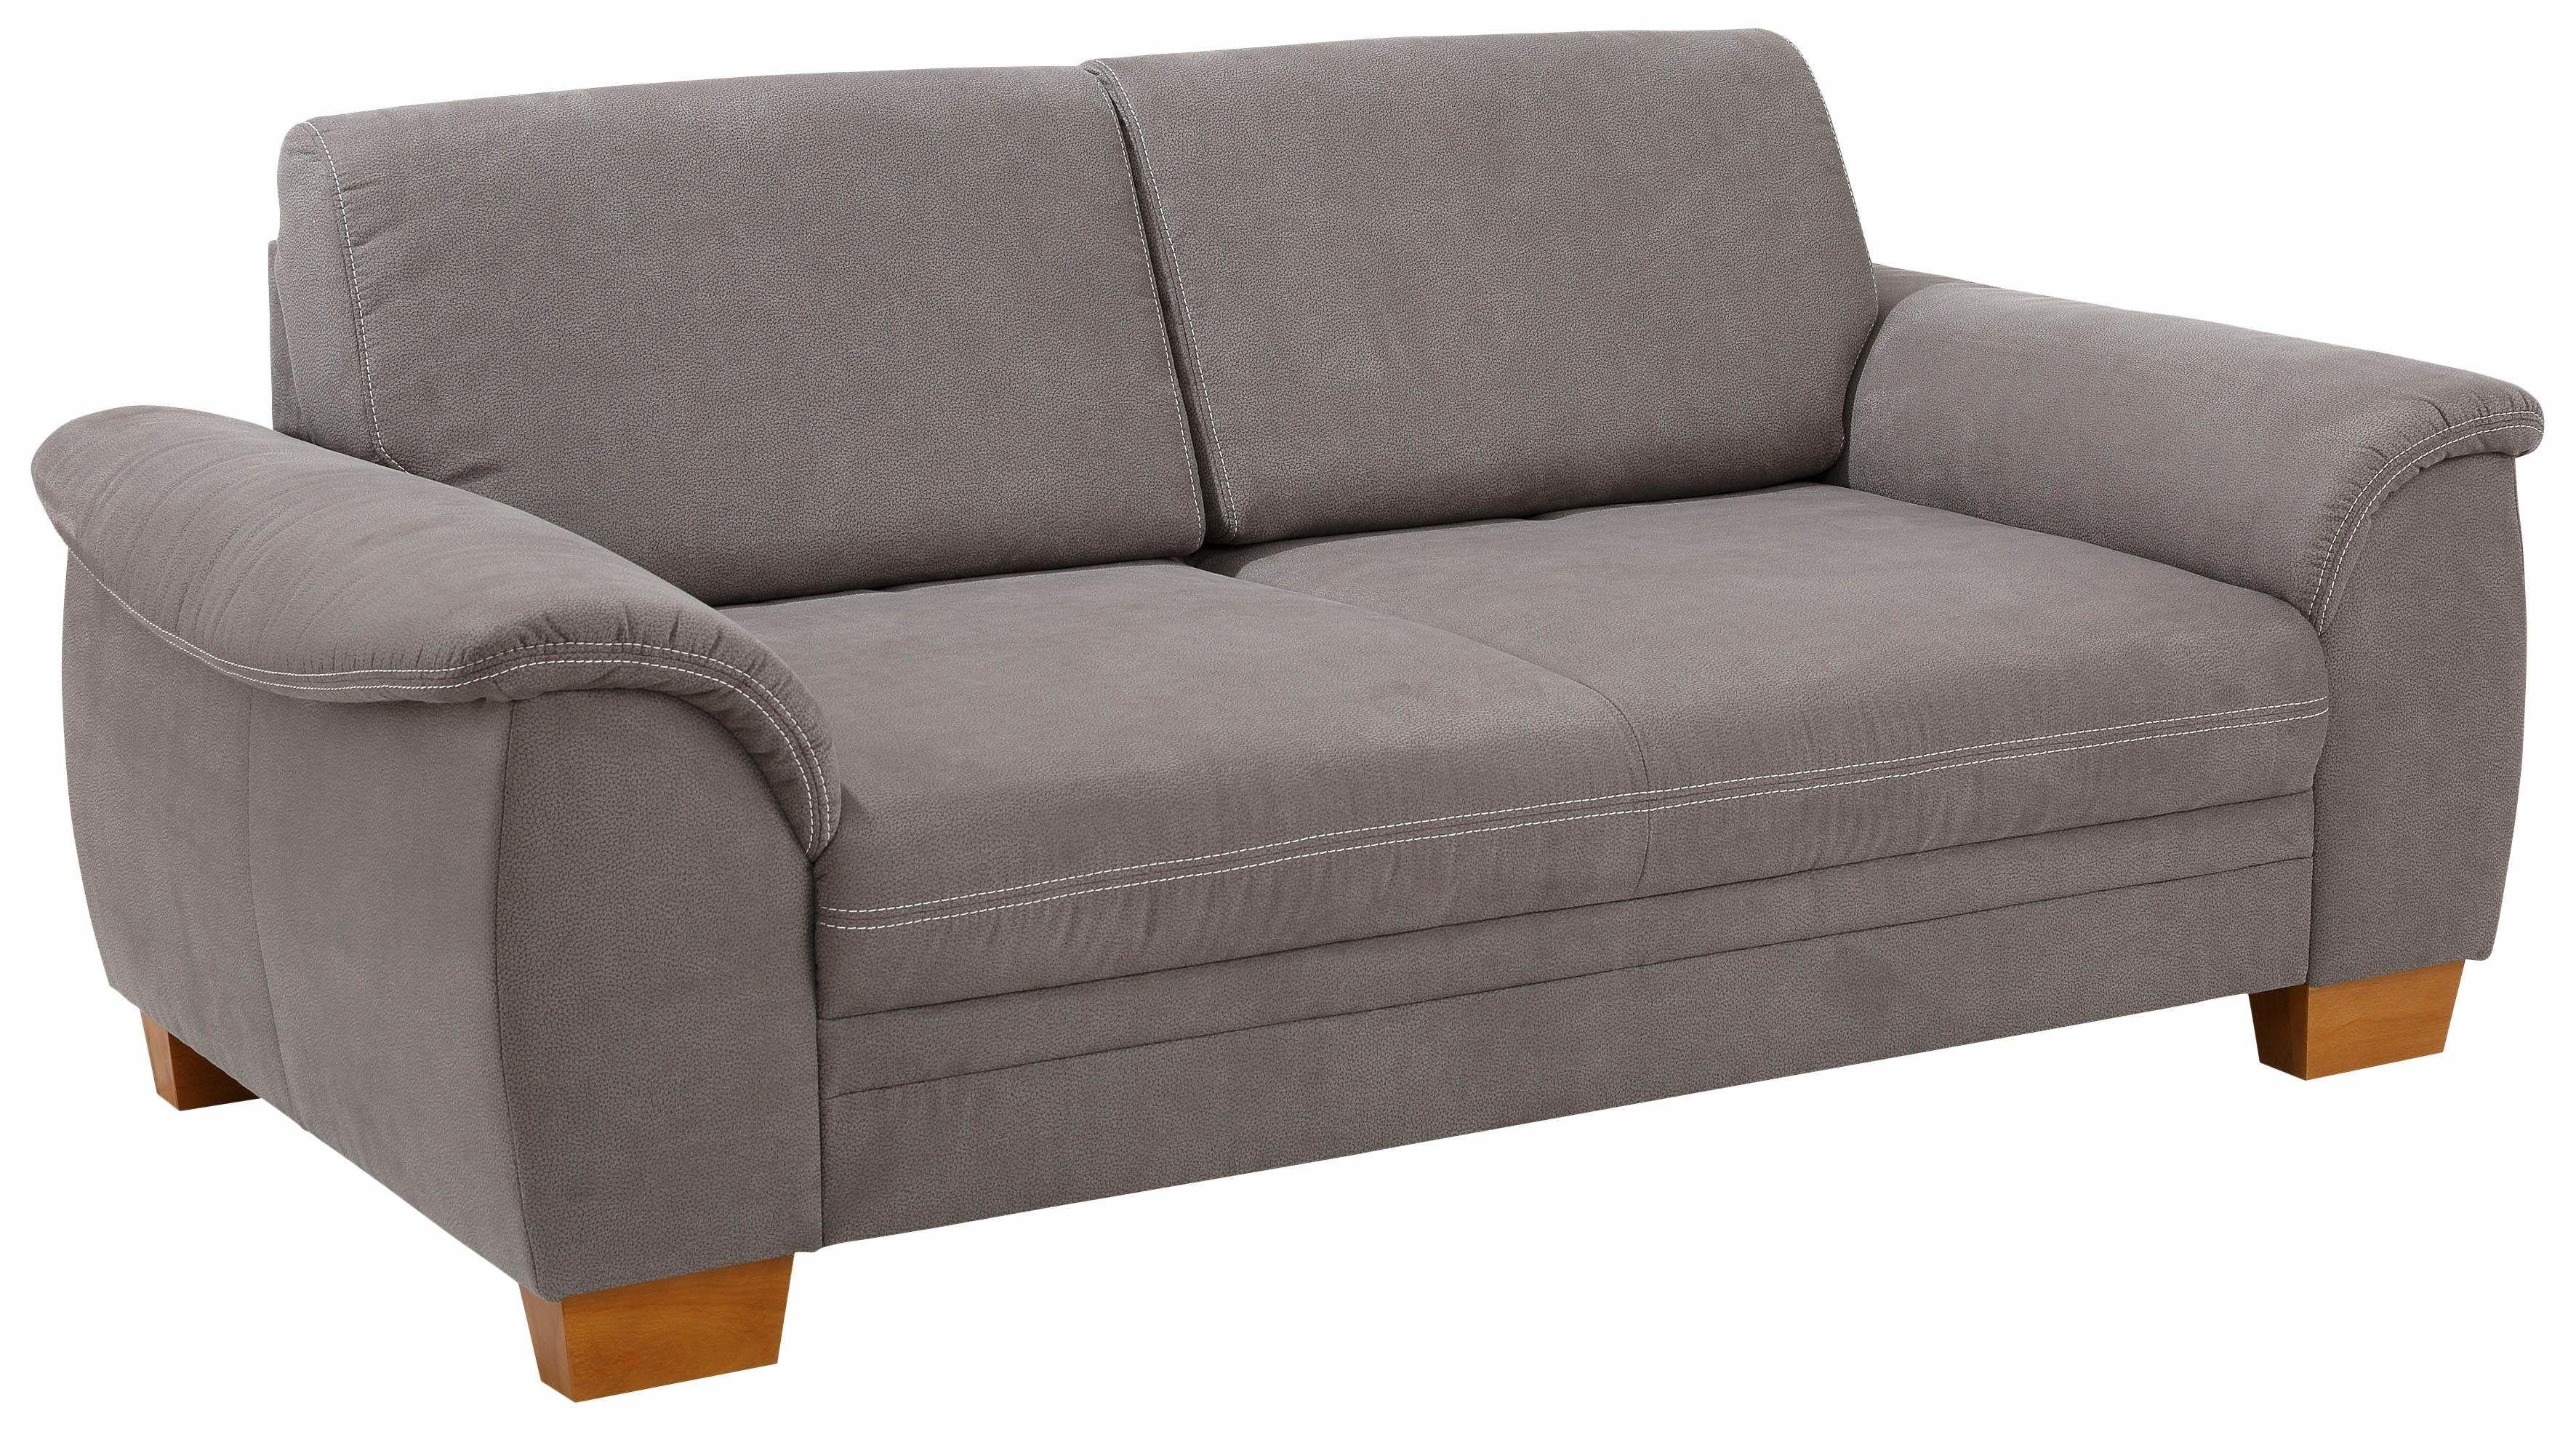 Beeindruckend Sofa Sitztiefenverstellung Ideen Von Home Affaire 3-sitzer », Mit Sitztiefenverstellung, Kontrastnaht